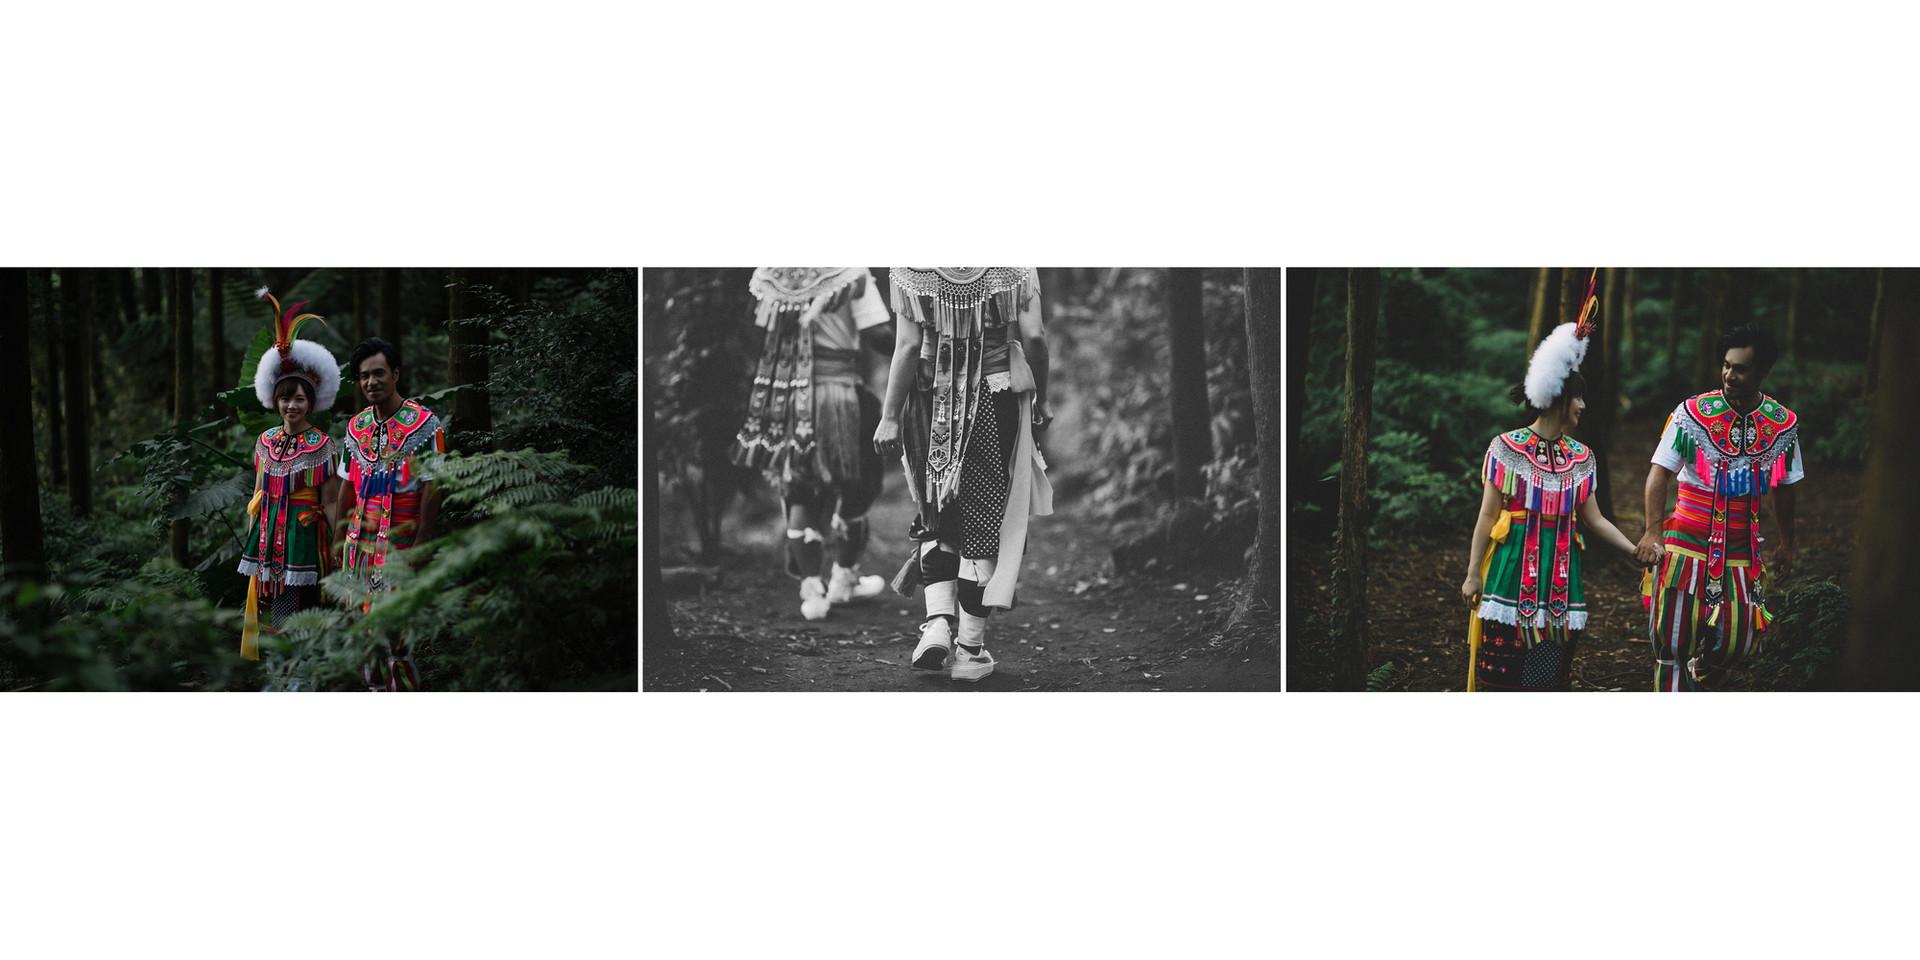 黑森林 / 迪化街 / 花卉試驗中心  / 柴犬 / 寵物婚紗 / 自然捲棚拍 / 素人寫真